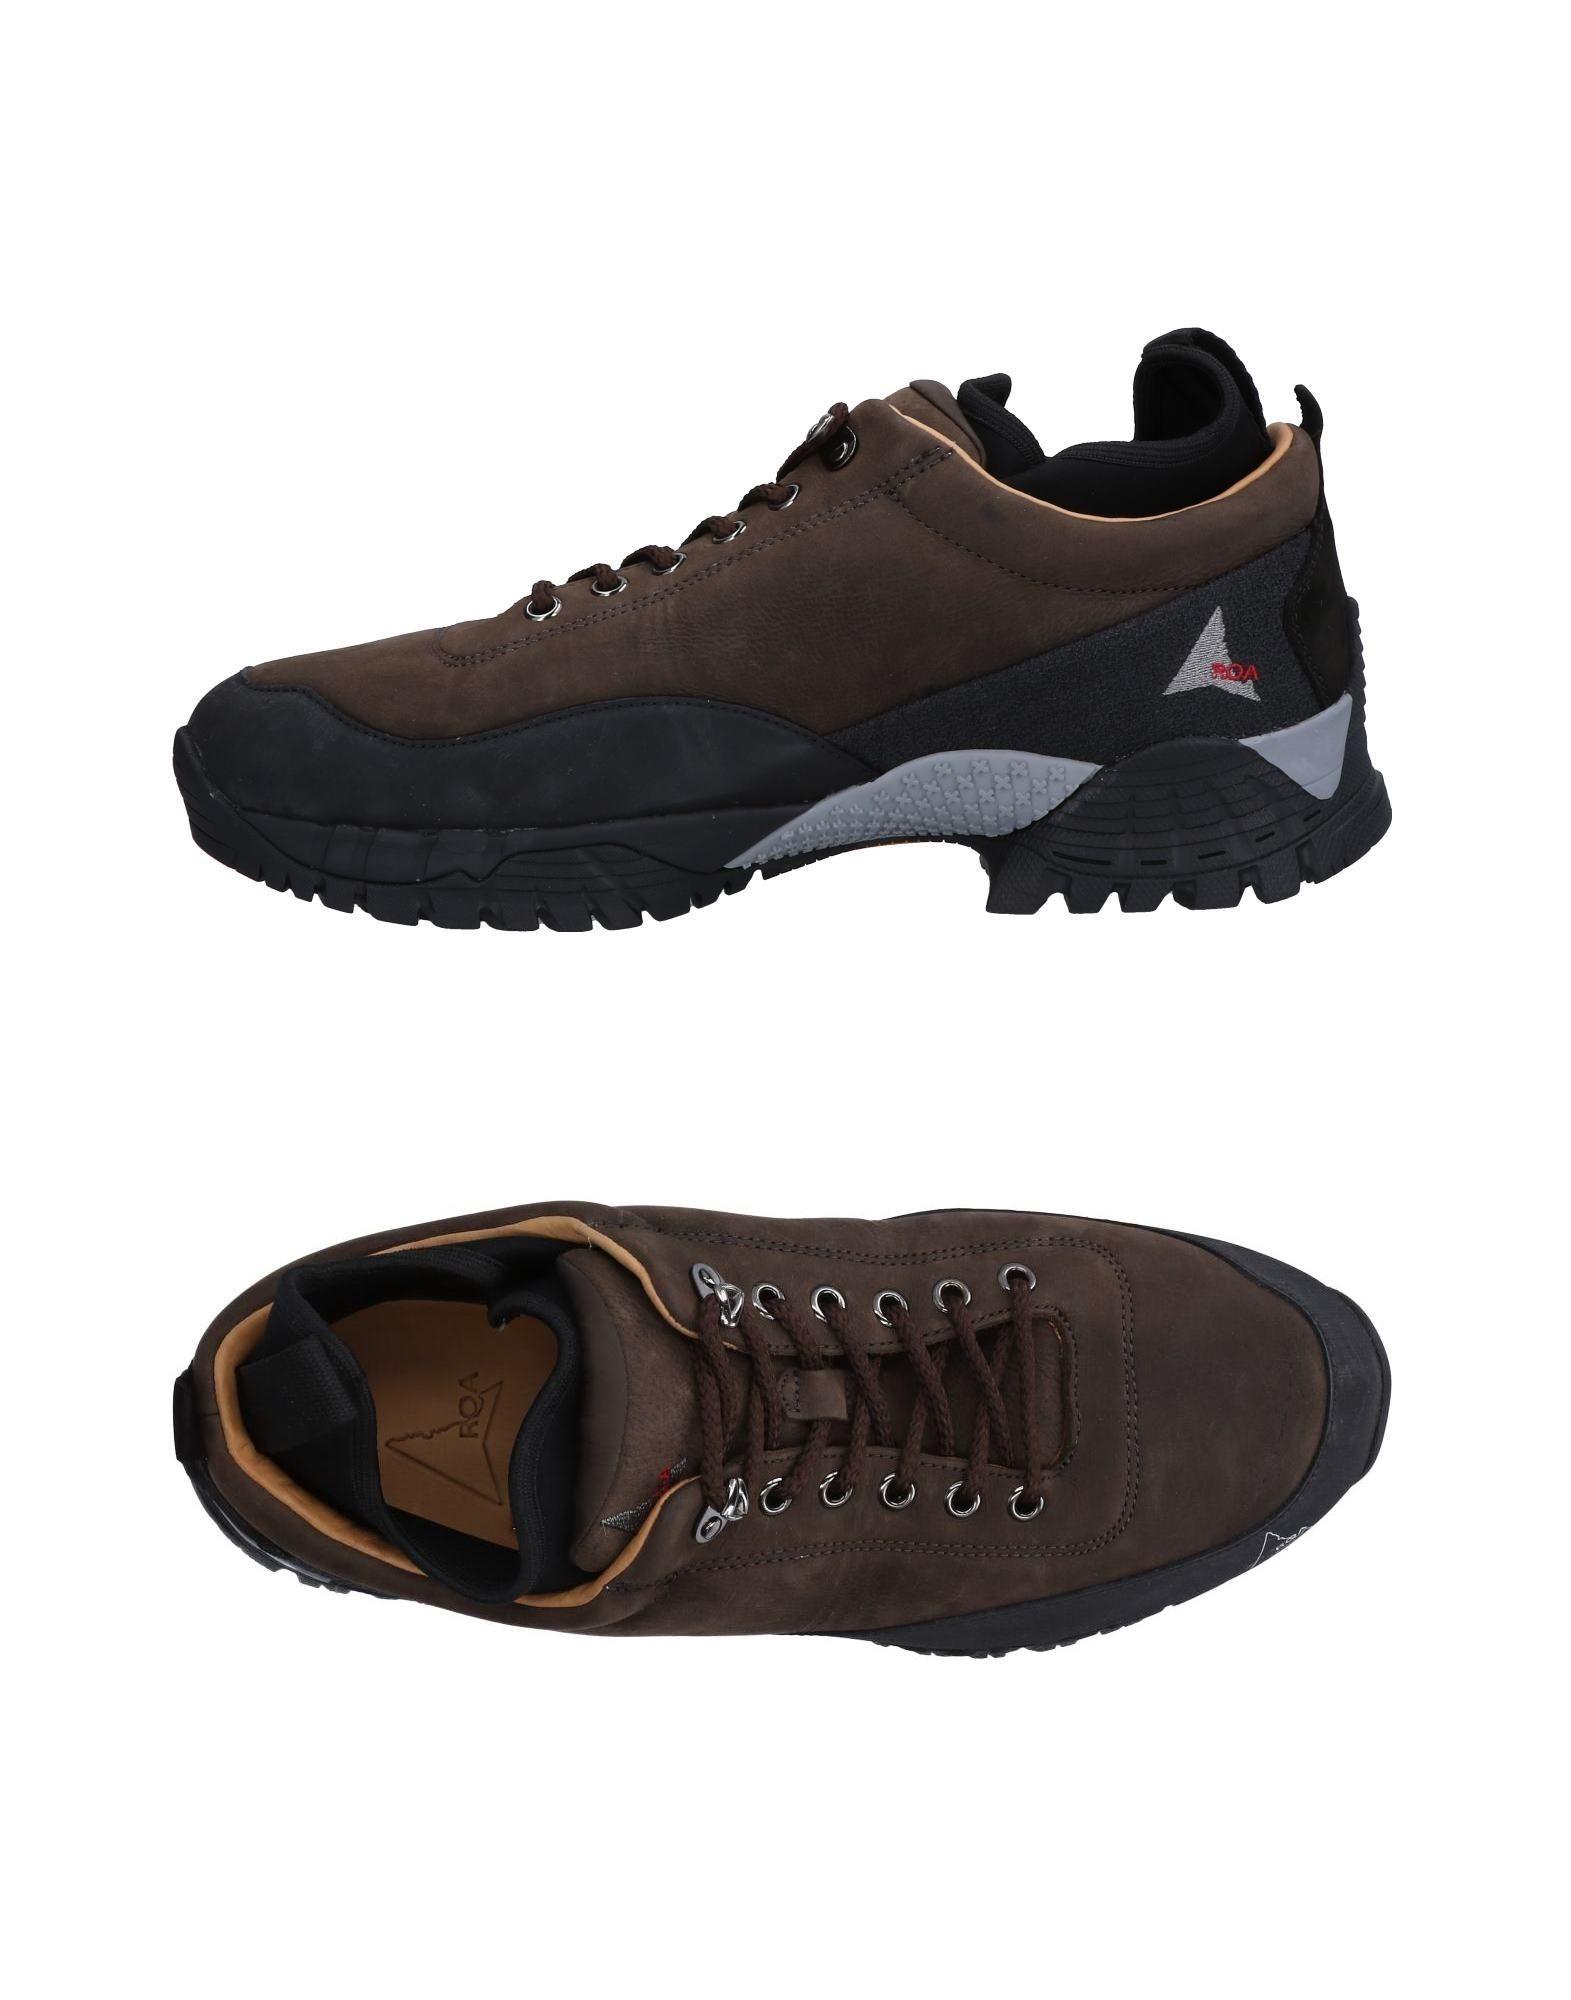 ROA Sneakers in Dark Brown